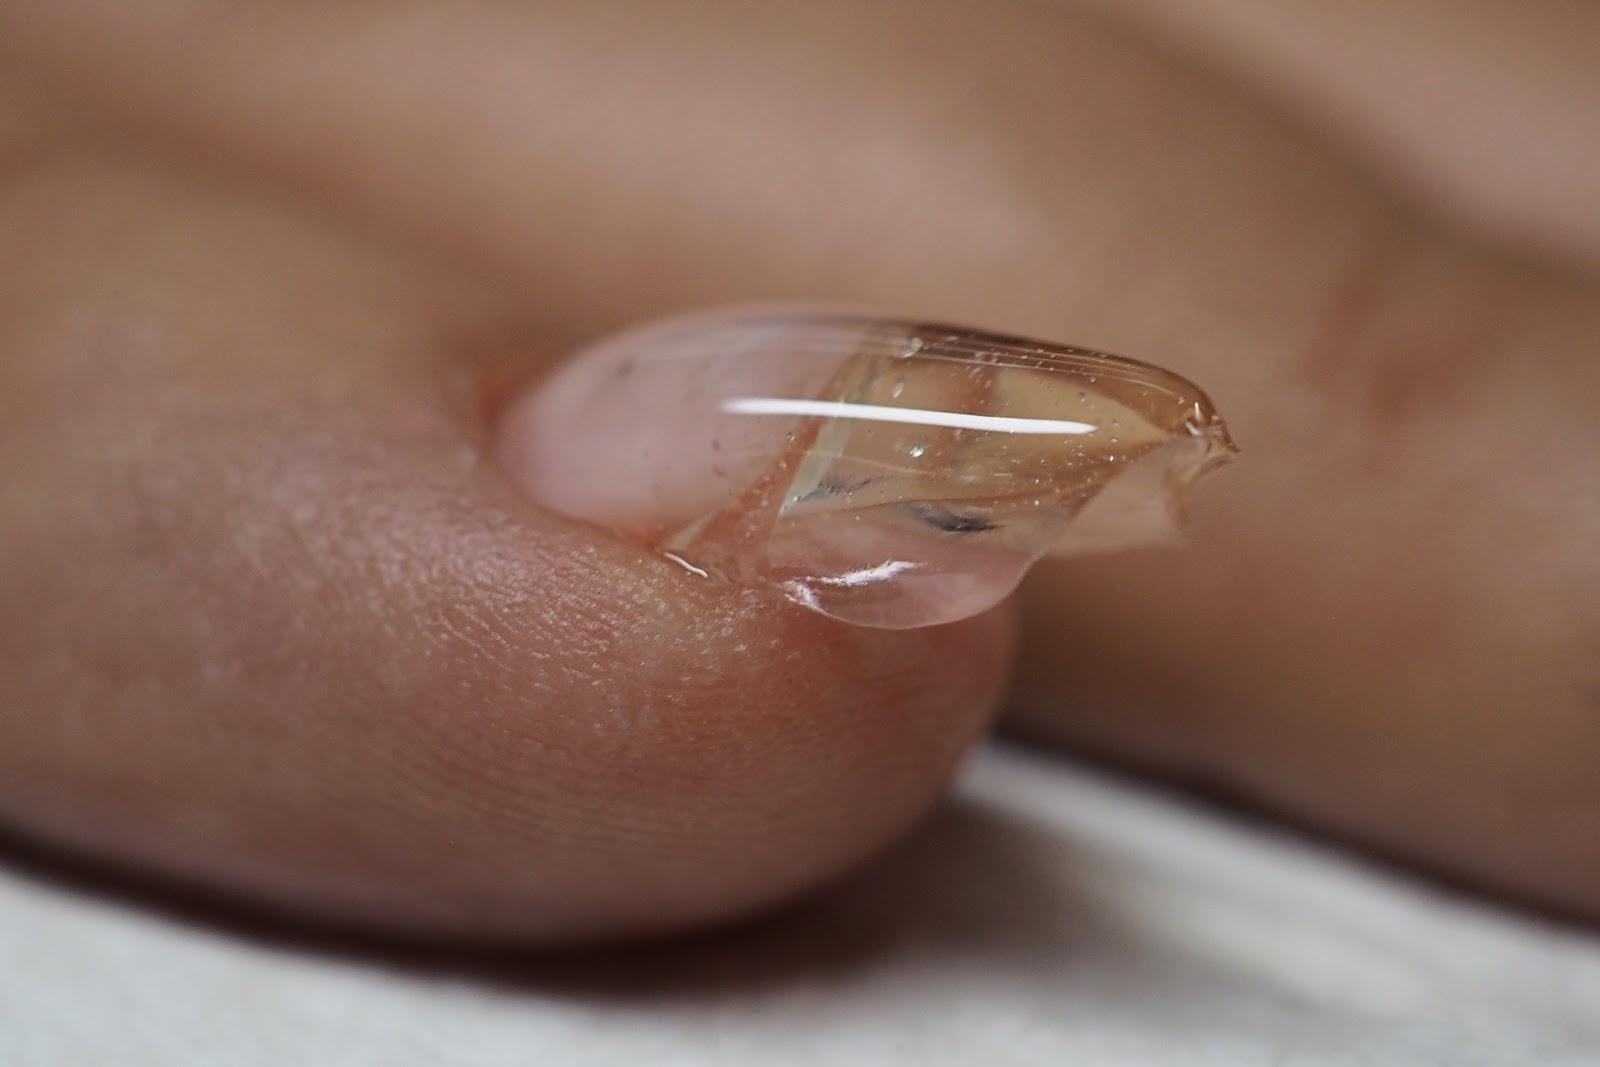 problematyczne paznokcie